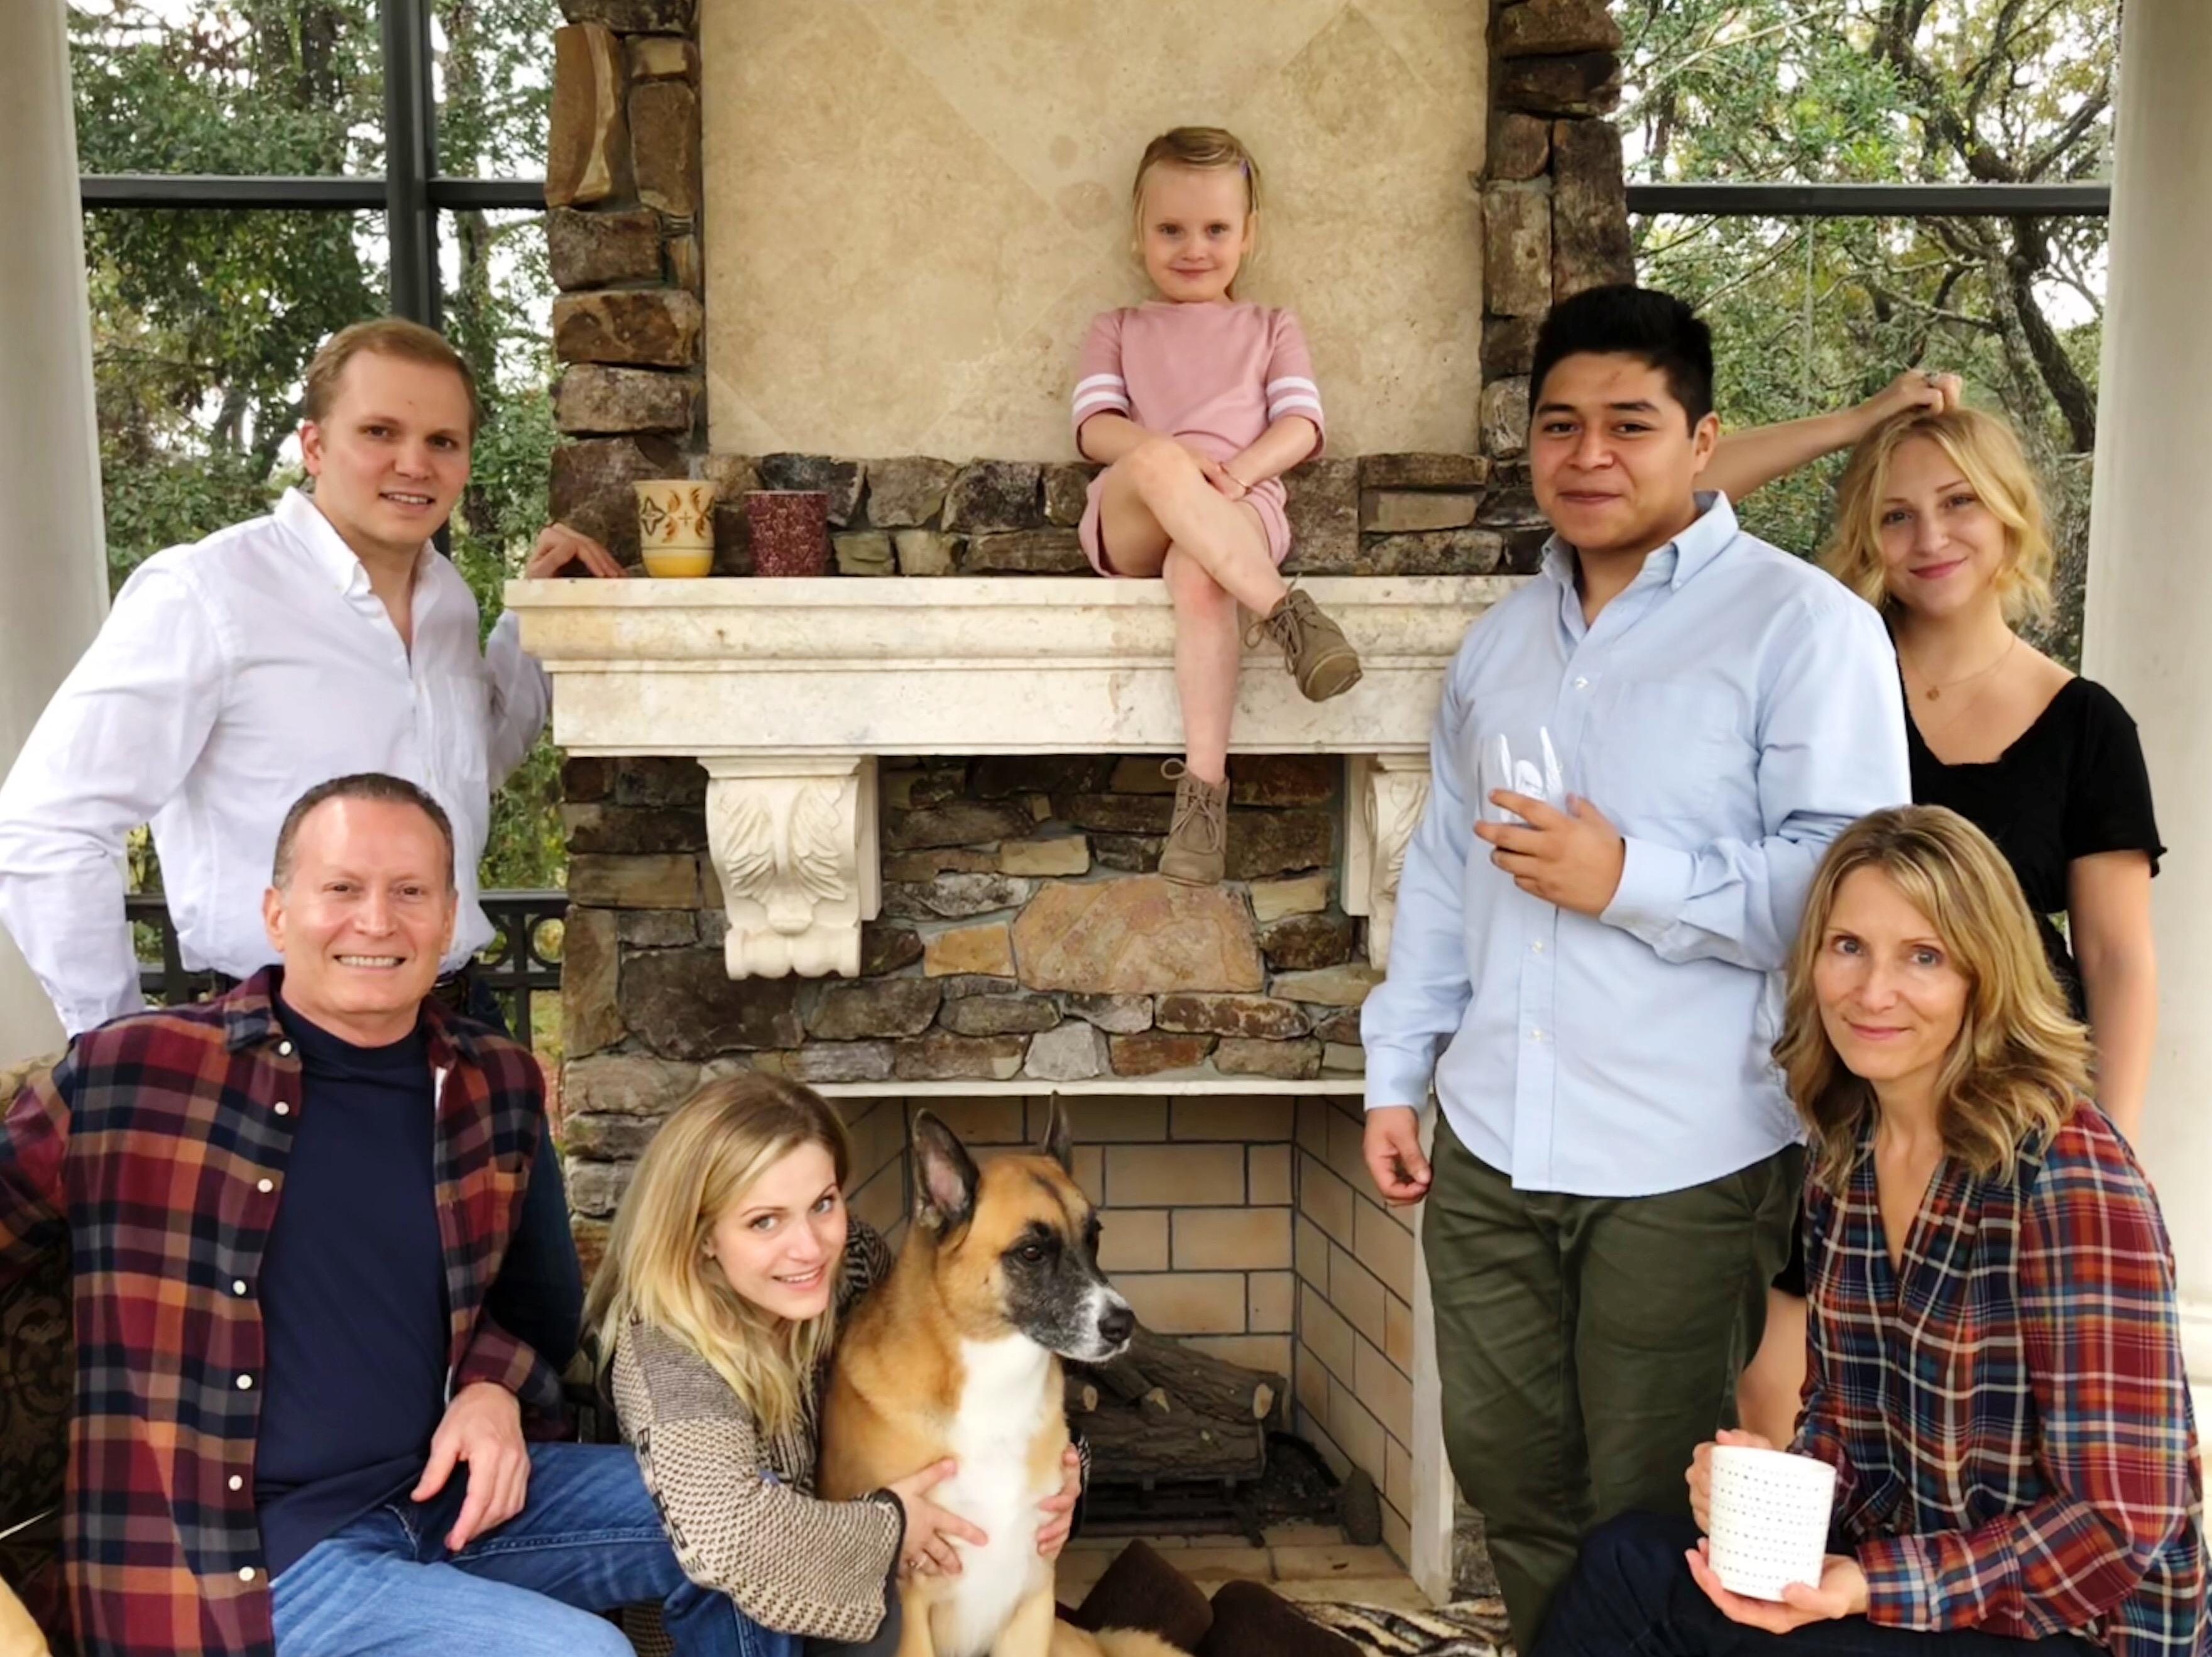 Rep. Massullo with his family